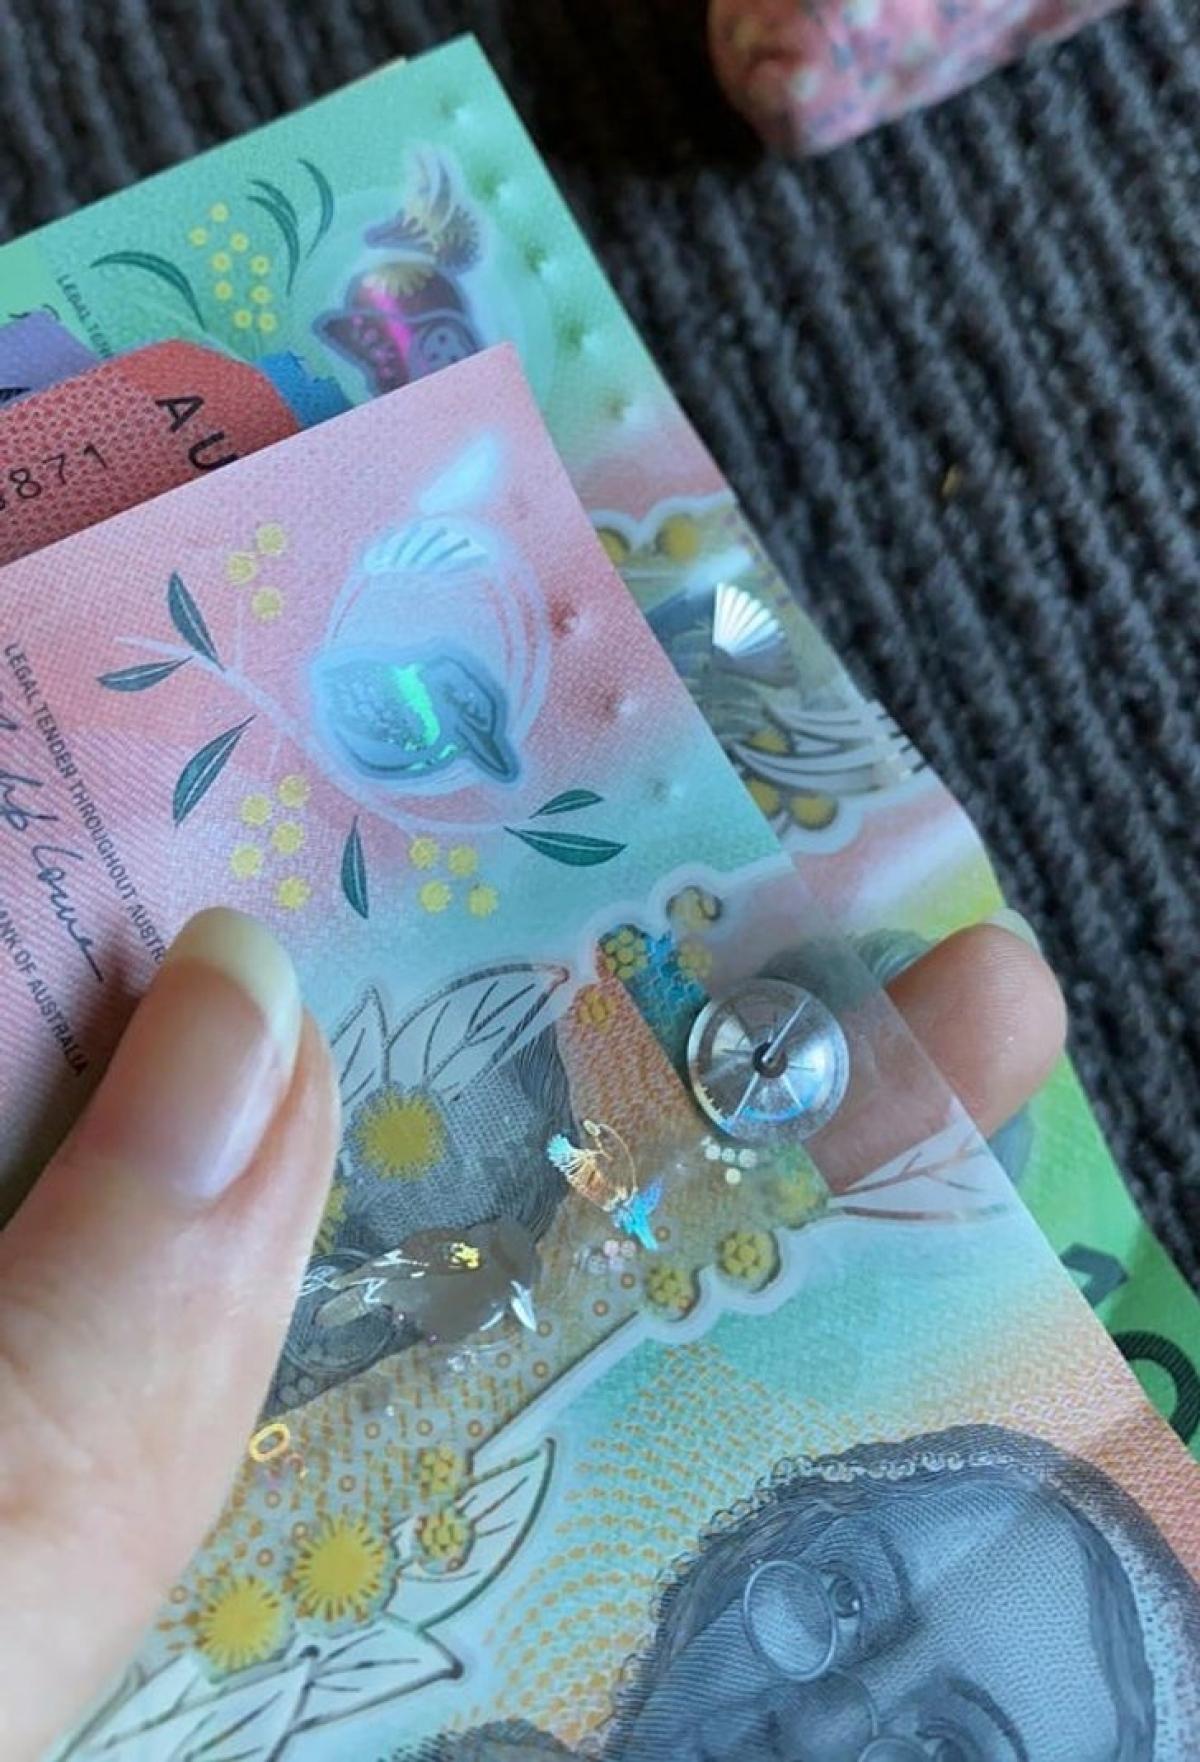 Chính phủ Australia đã lắng nghe lời đề nghị của một cậu bé 15 tuổi bị mù Connor McLeod - người đã viết thư lên Chính phủ, đề nghị phát hành một loại tiền polymer thuận tiện hơn cho người khiếm thị. Bộ tiền mới đã chính thức được phát hành ngày 01/9/2016 với tờ bạc 5 dollar Úc.